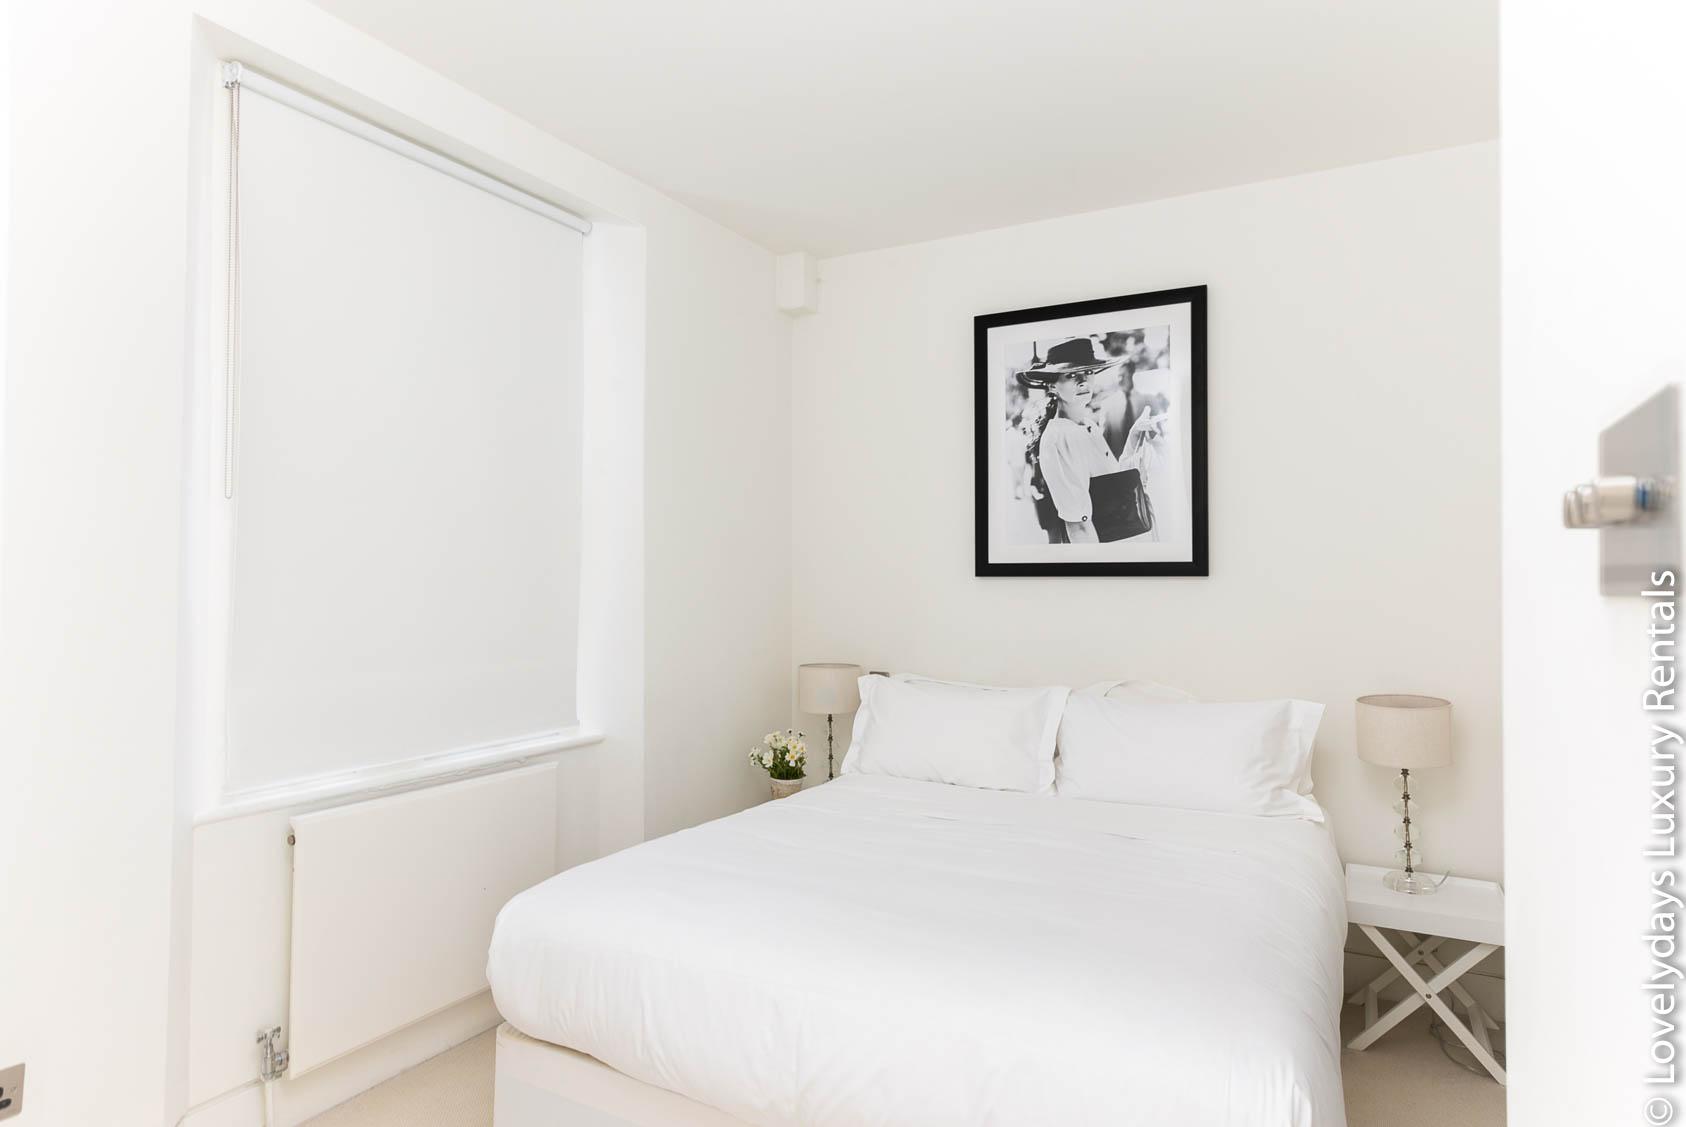 Lovelydays luxury service apartment rental - London - Fitzrovia - Foley Street - Lovelysuite - 2 bedrooms - 2 bathrooms - Double bed - c754d0ec9984 - Lovelydays